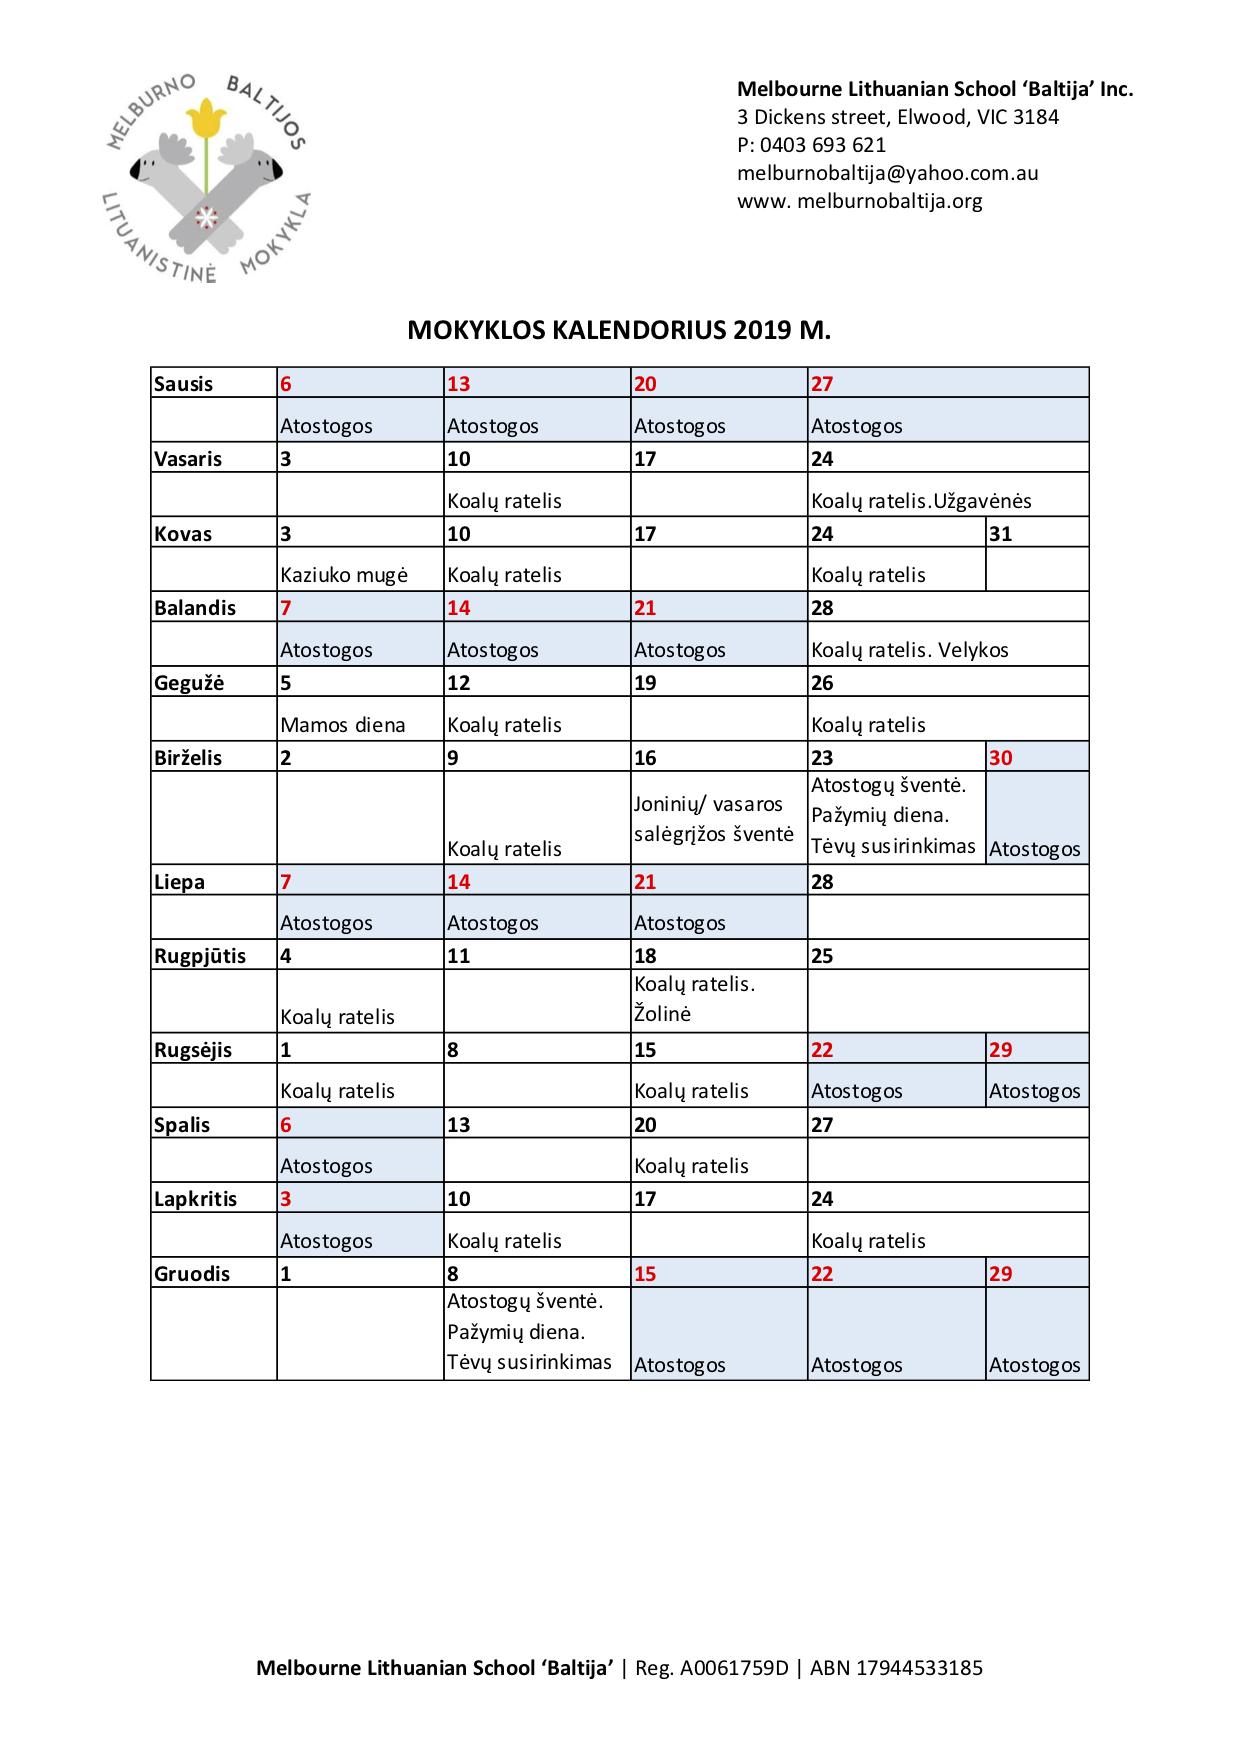 2019 kalendorius